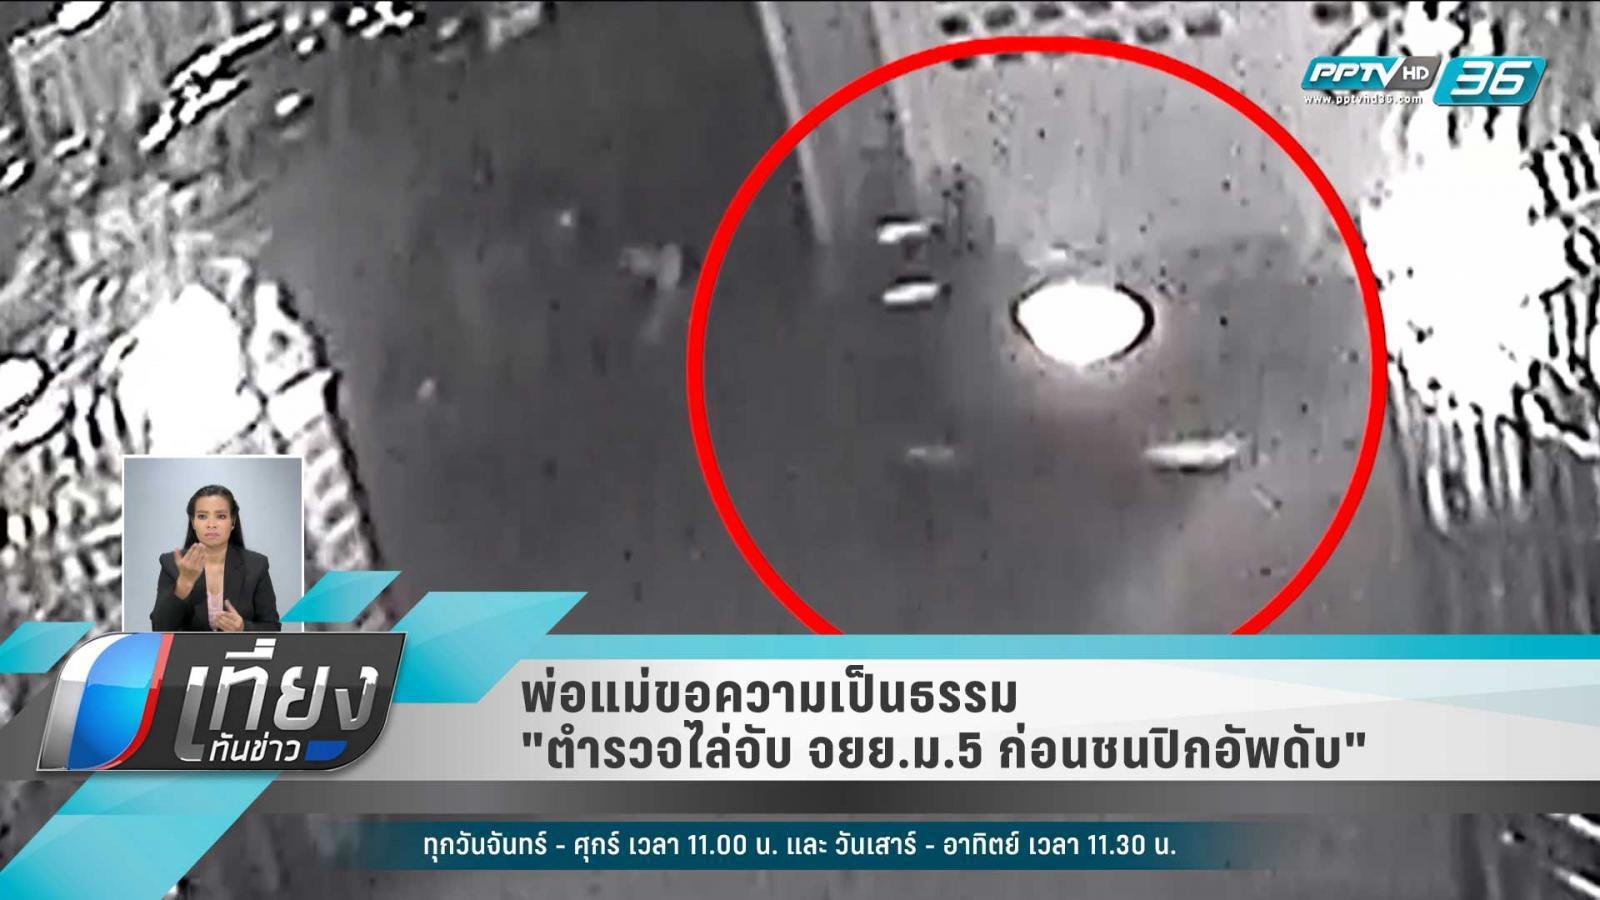 ภาพกล้องชัด ตร.ขี่รถไล่เด็ก ม. 5 จน จยย.ชนปิ๊กอัพ